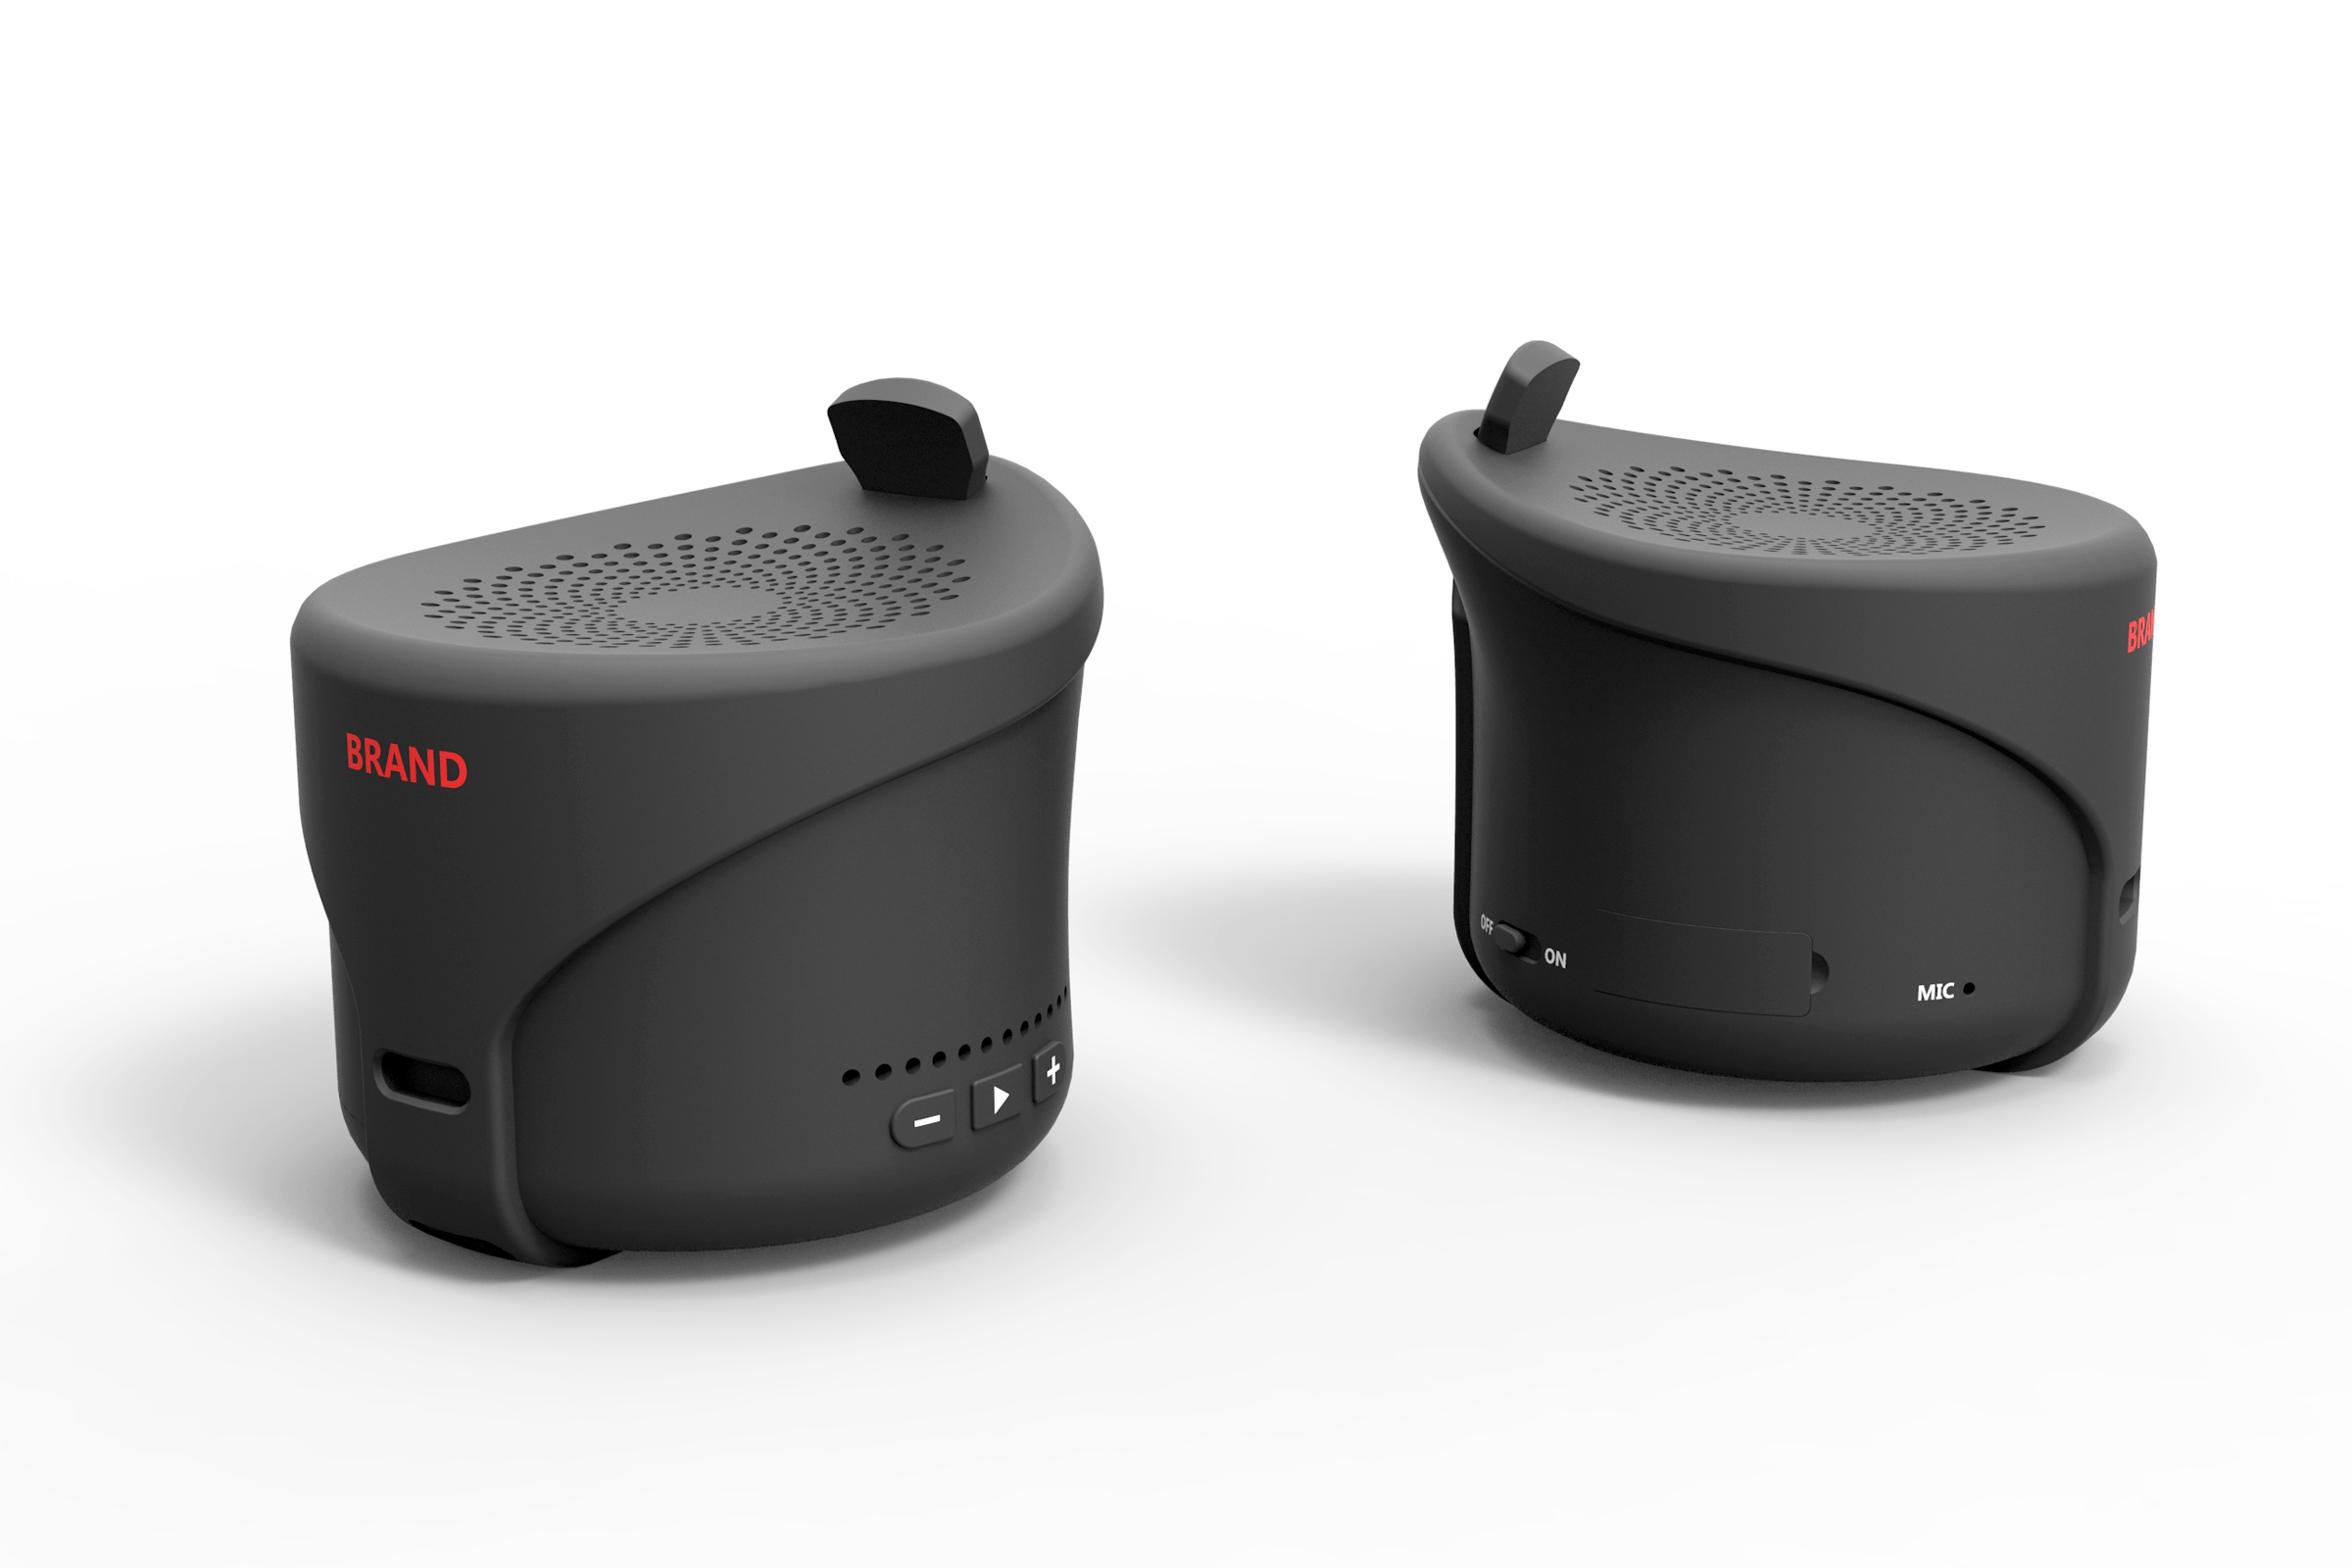 蓝牙音箱工业设计 户外音响外观设计 产品设计公司